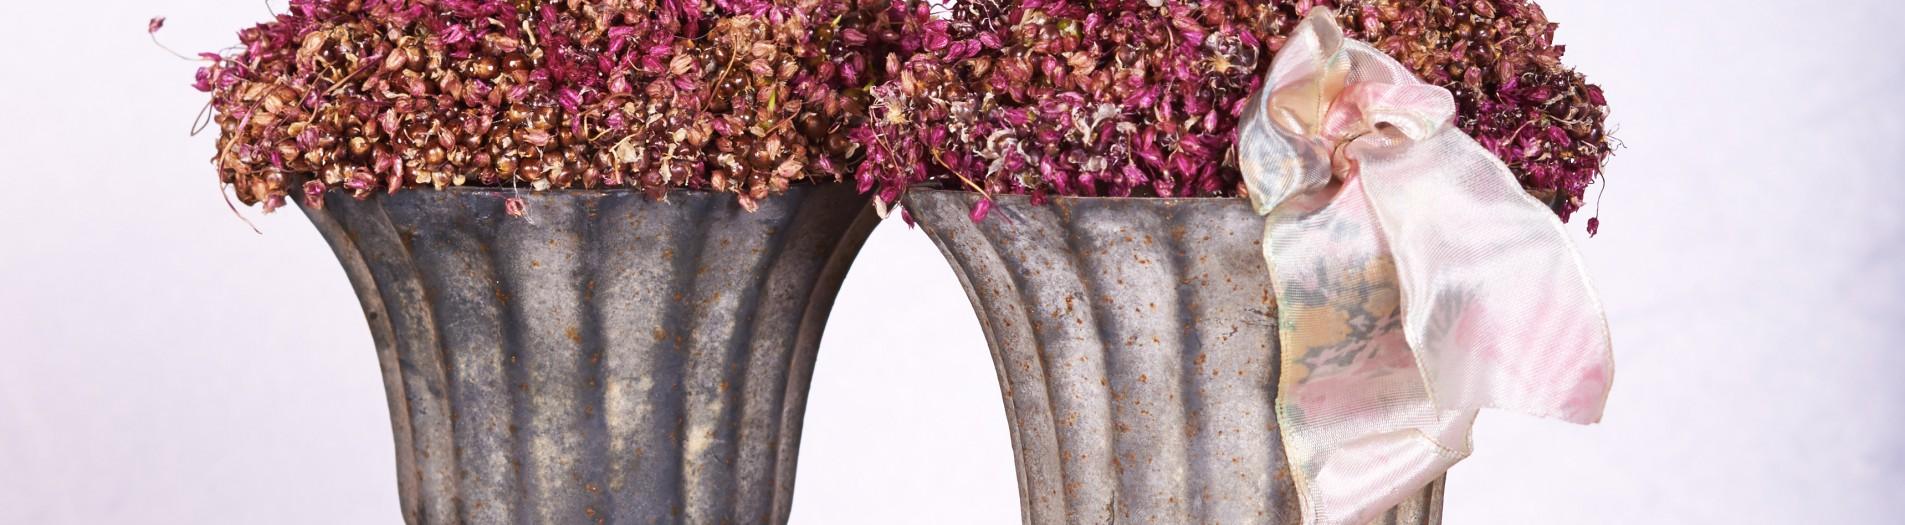 Altid en bestseller støbte antikke vaser i jern. Altid dyre på grund af vægten i fragt.